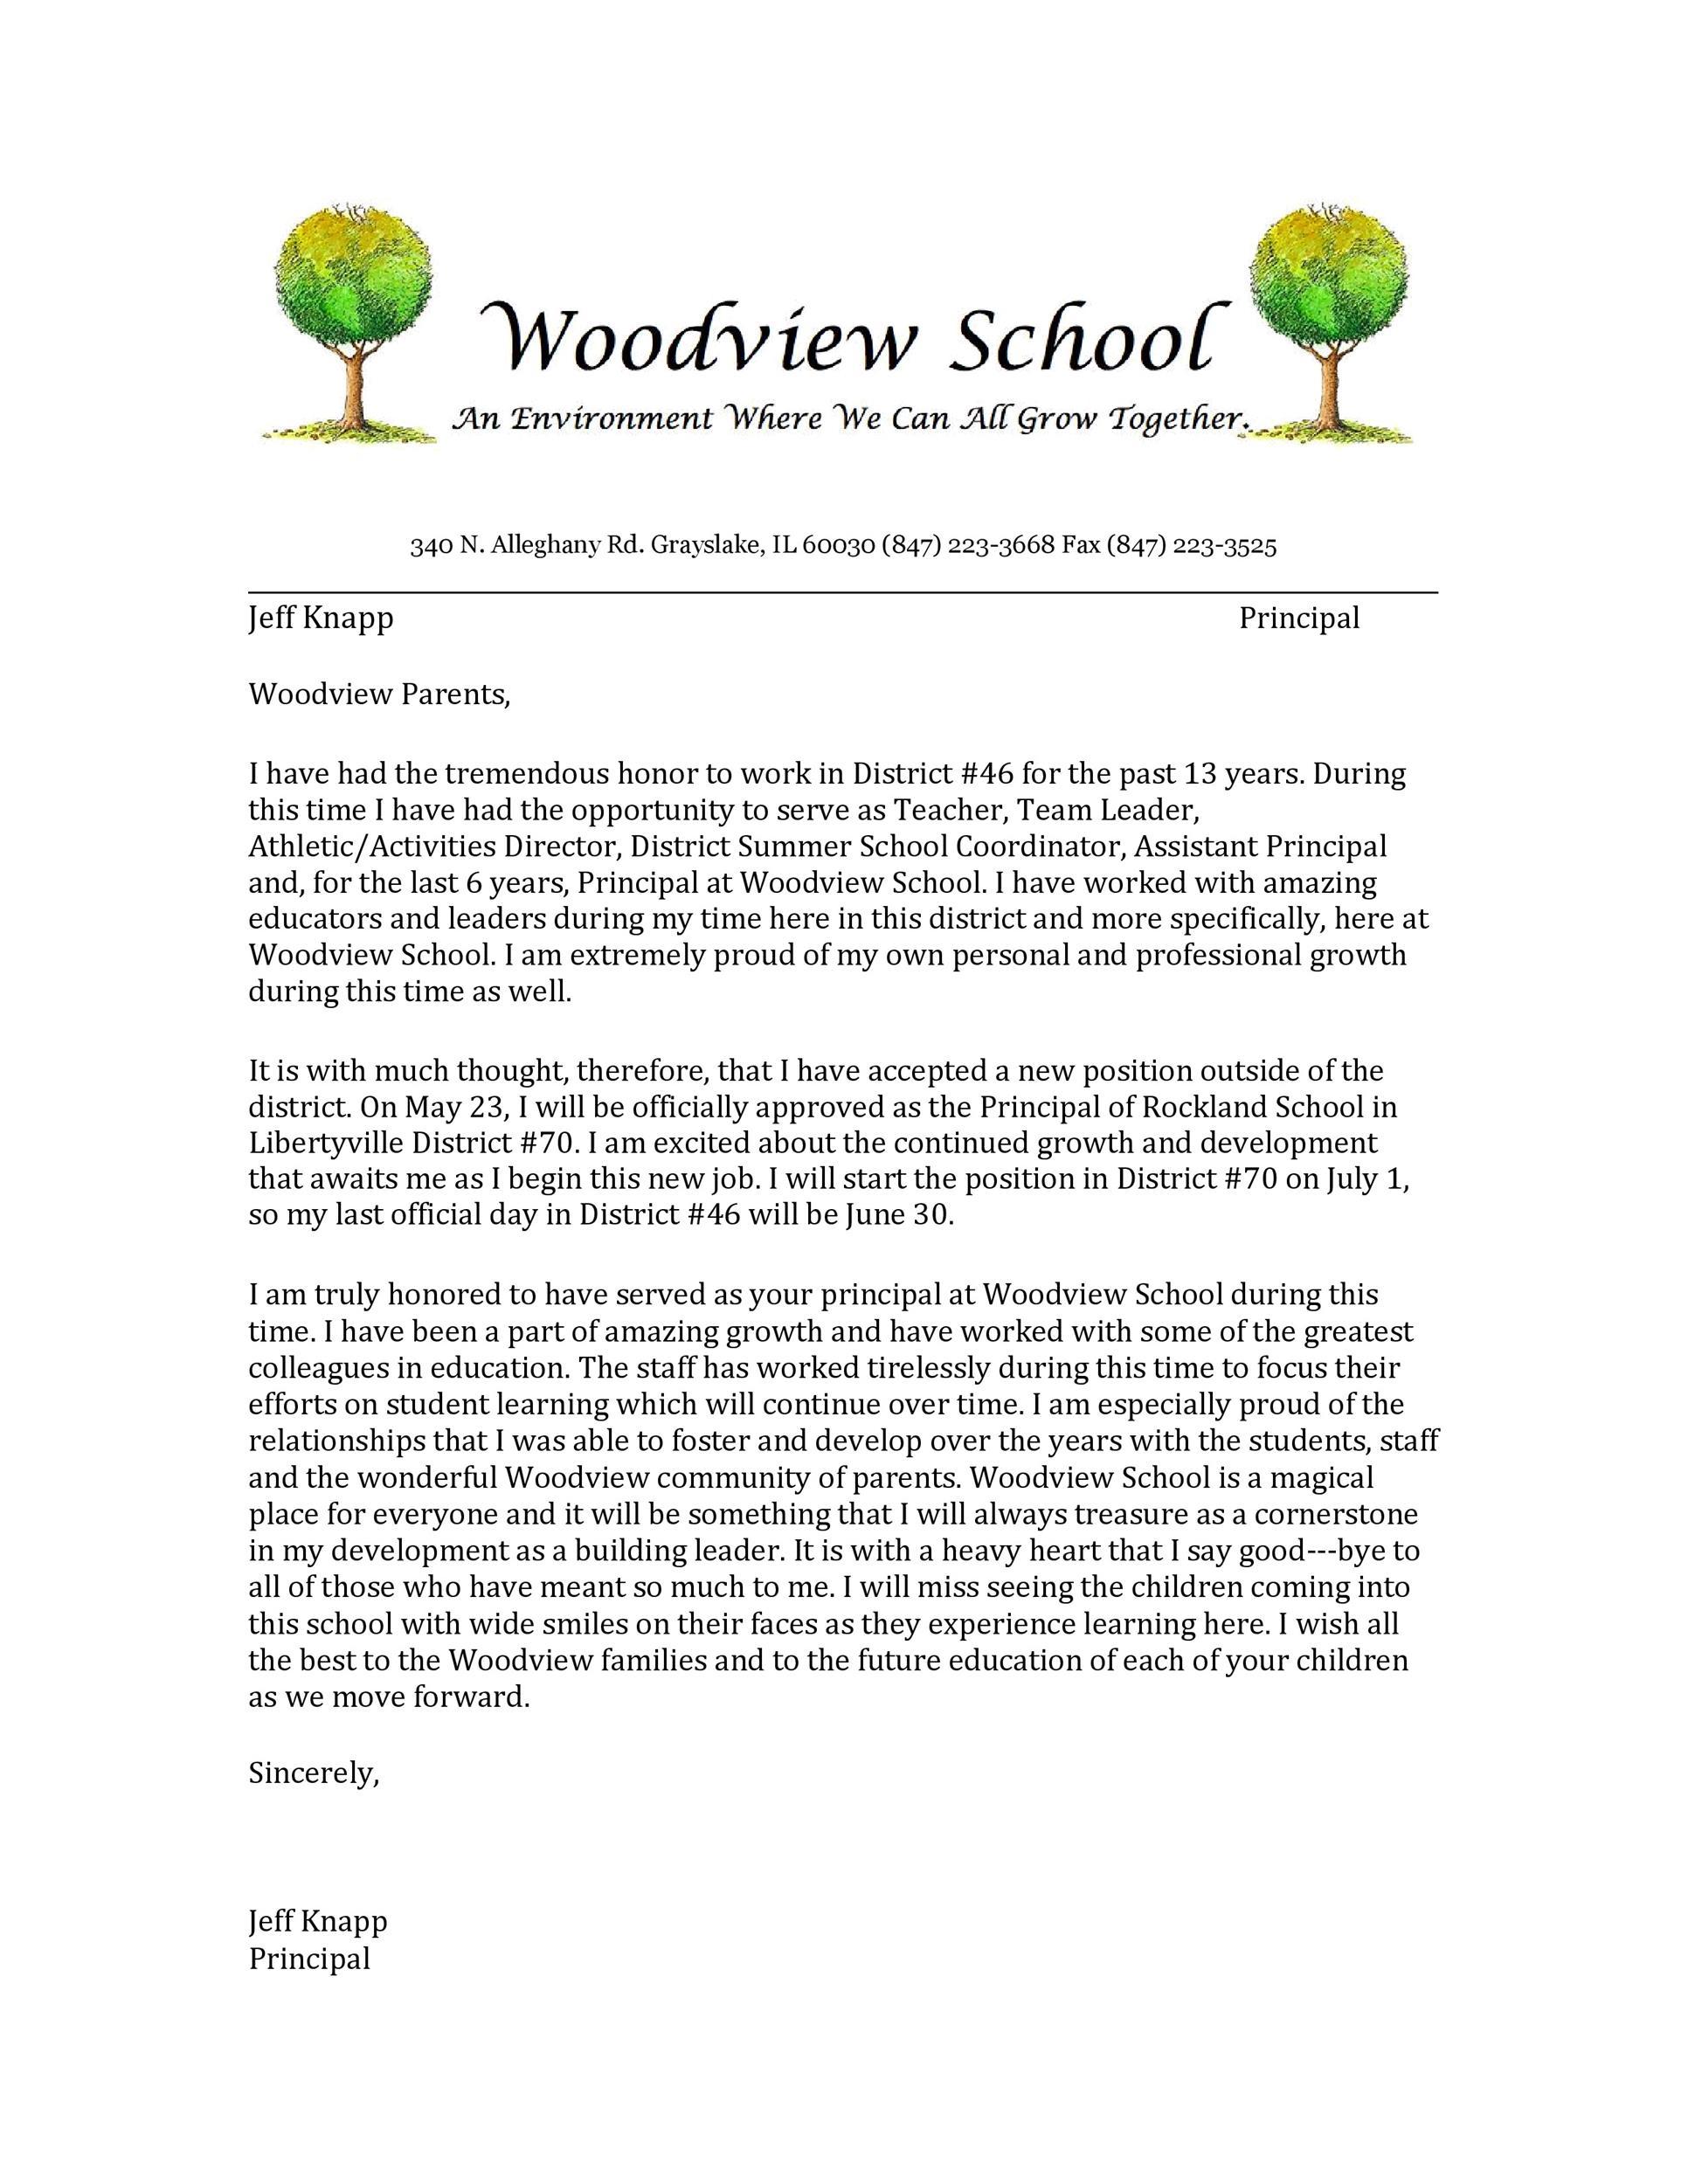 Free teacher resignation letter 47